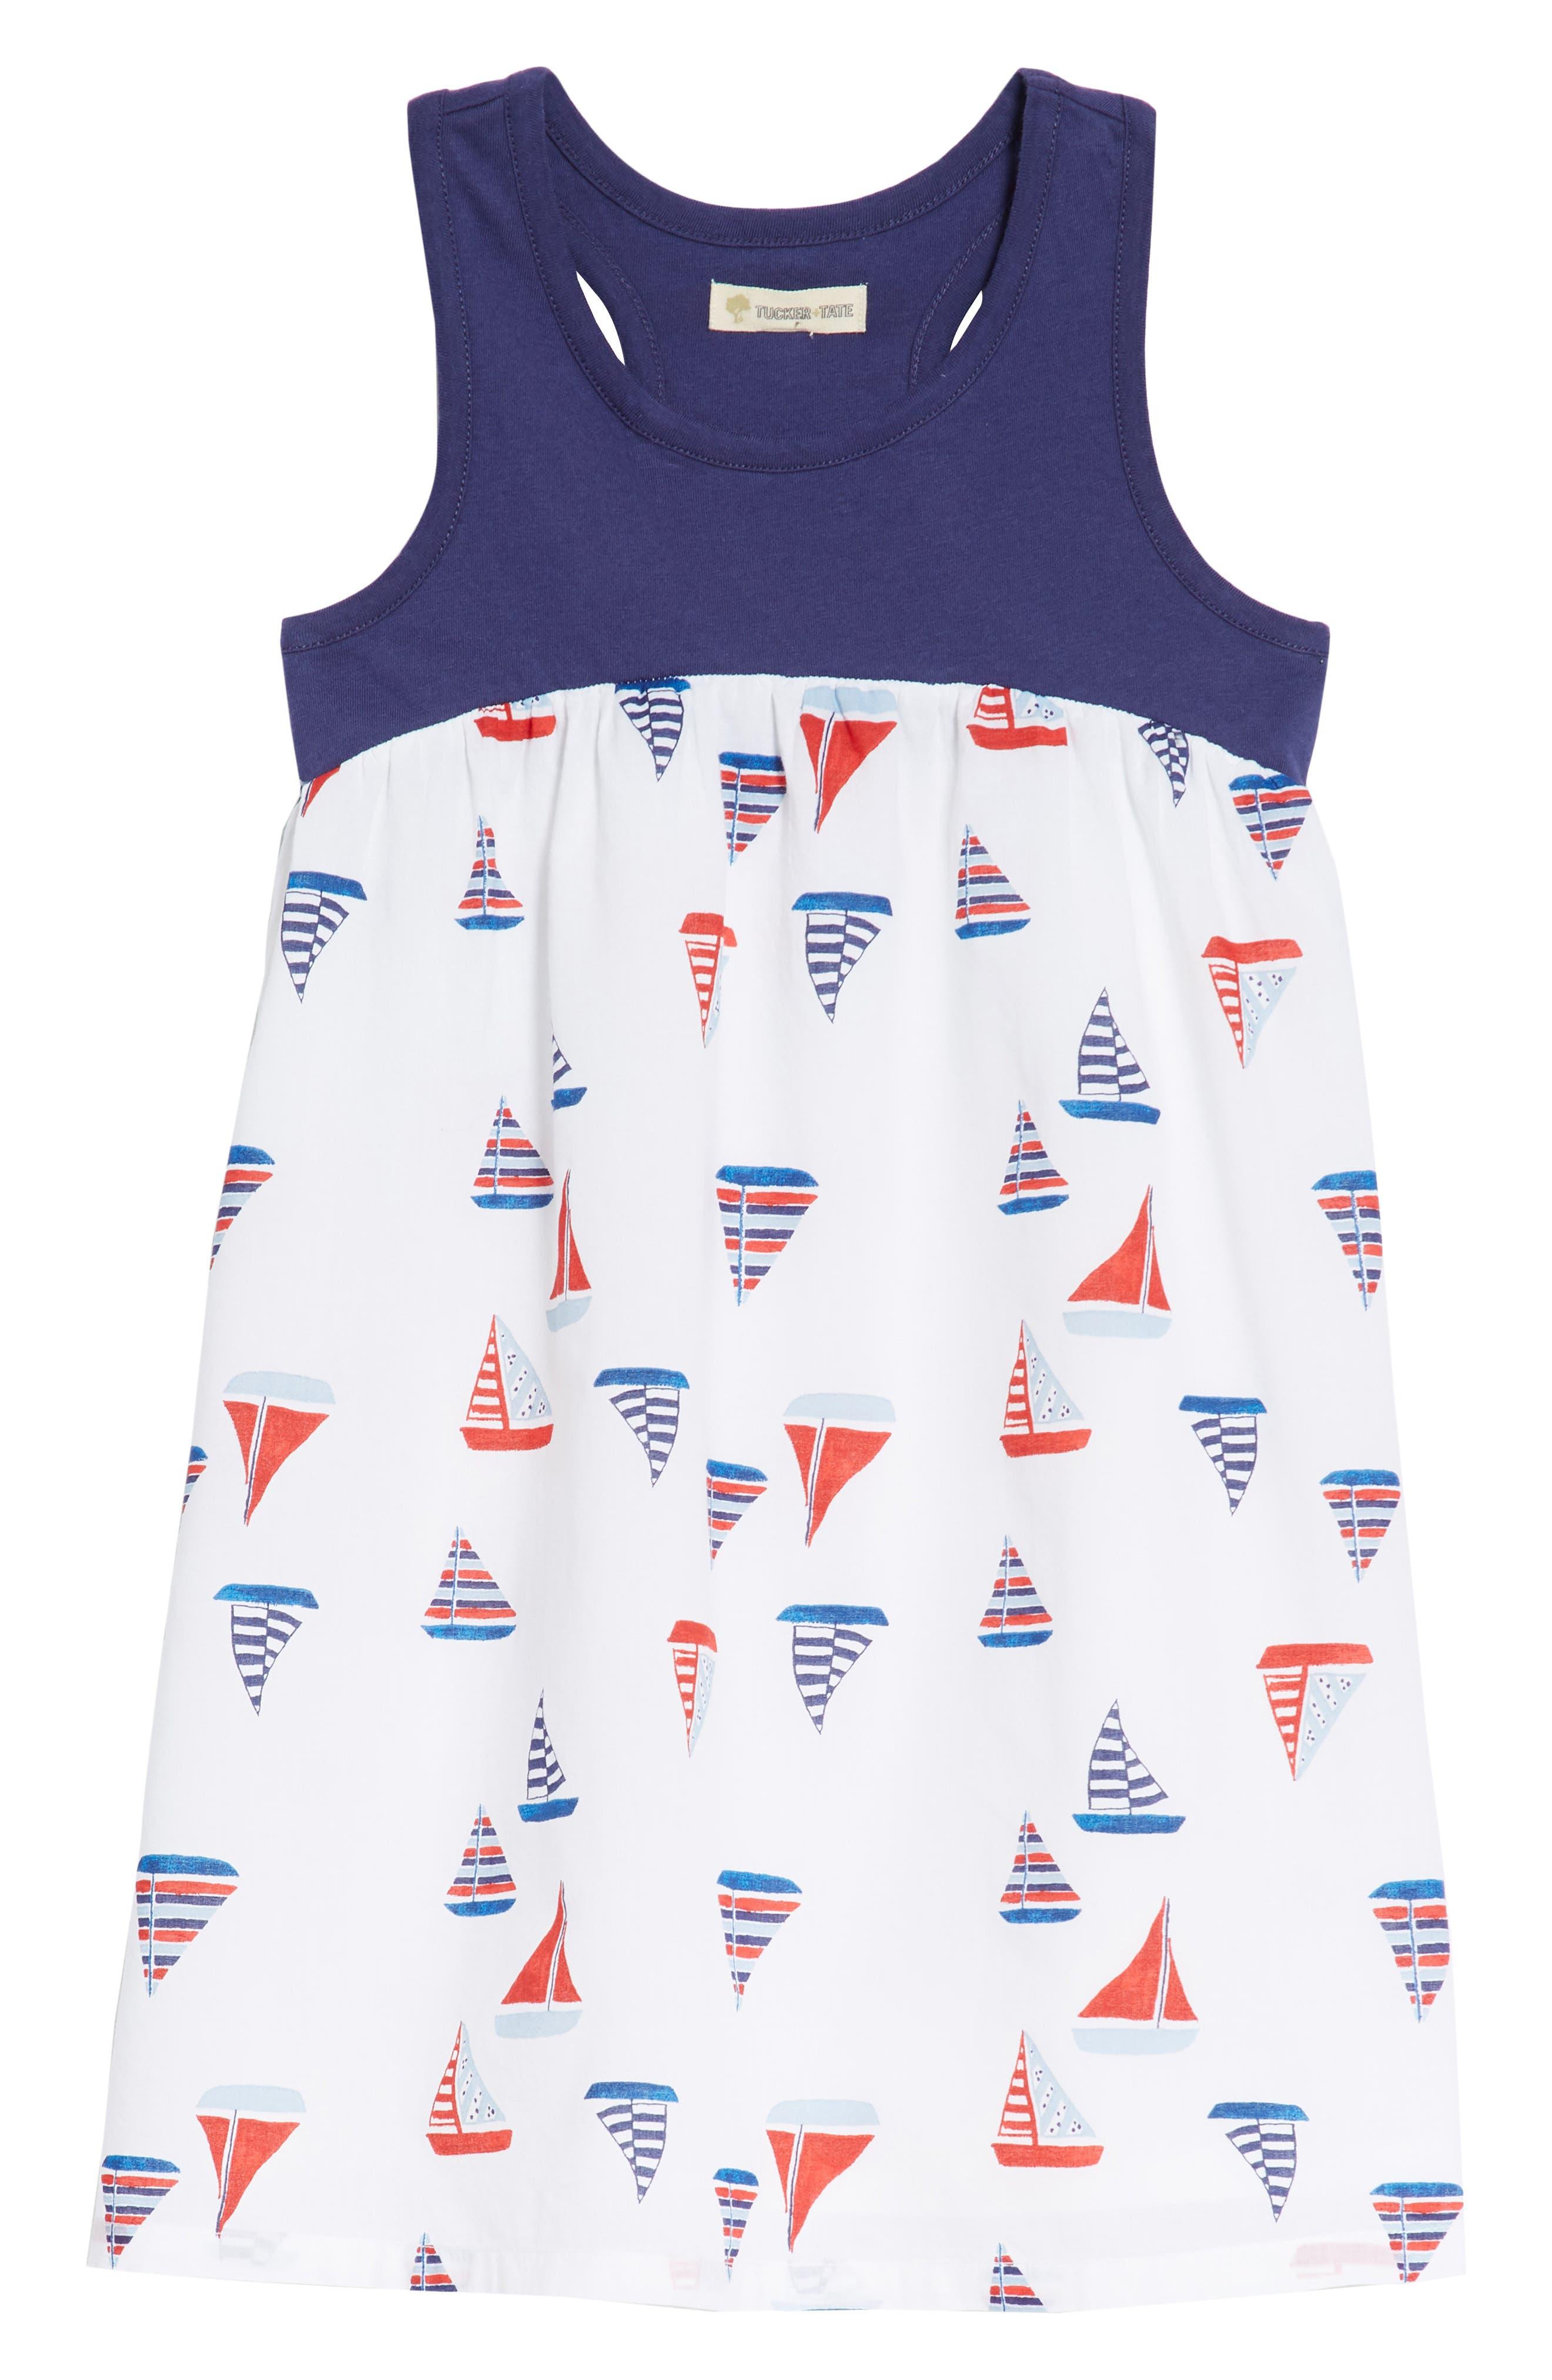 Racerback Tank Dress,                         Main,                         color, White Multi Sailboats